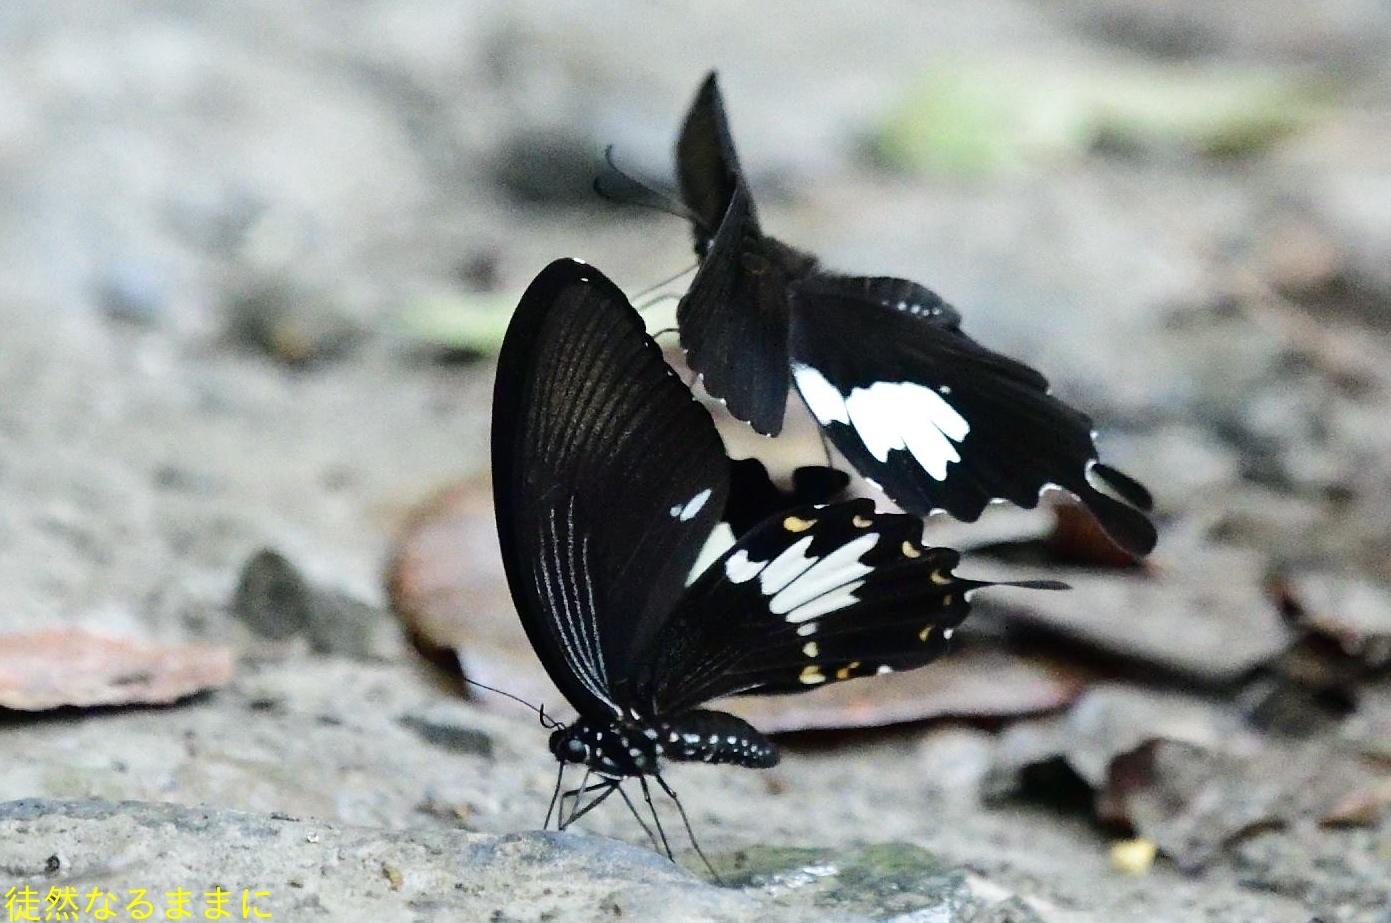 本部渓の蝶たち ②_d0285540_19434012.jpg